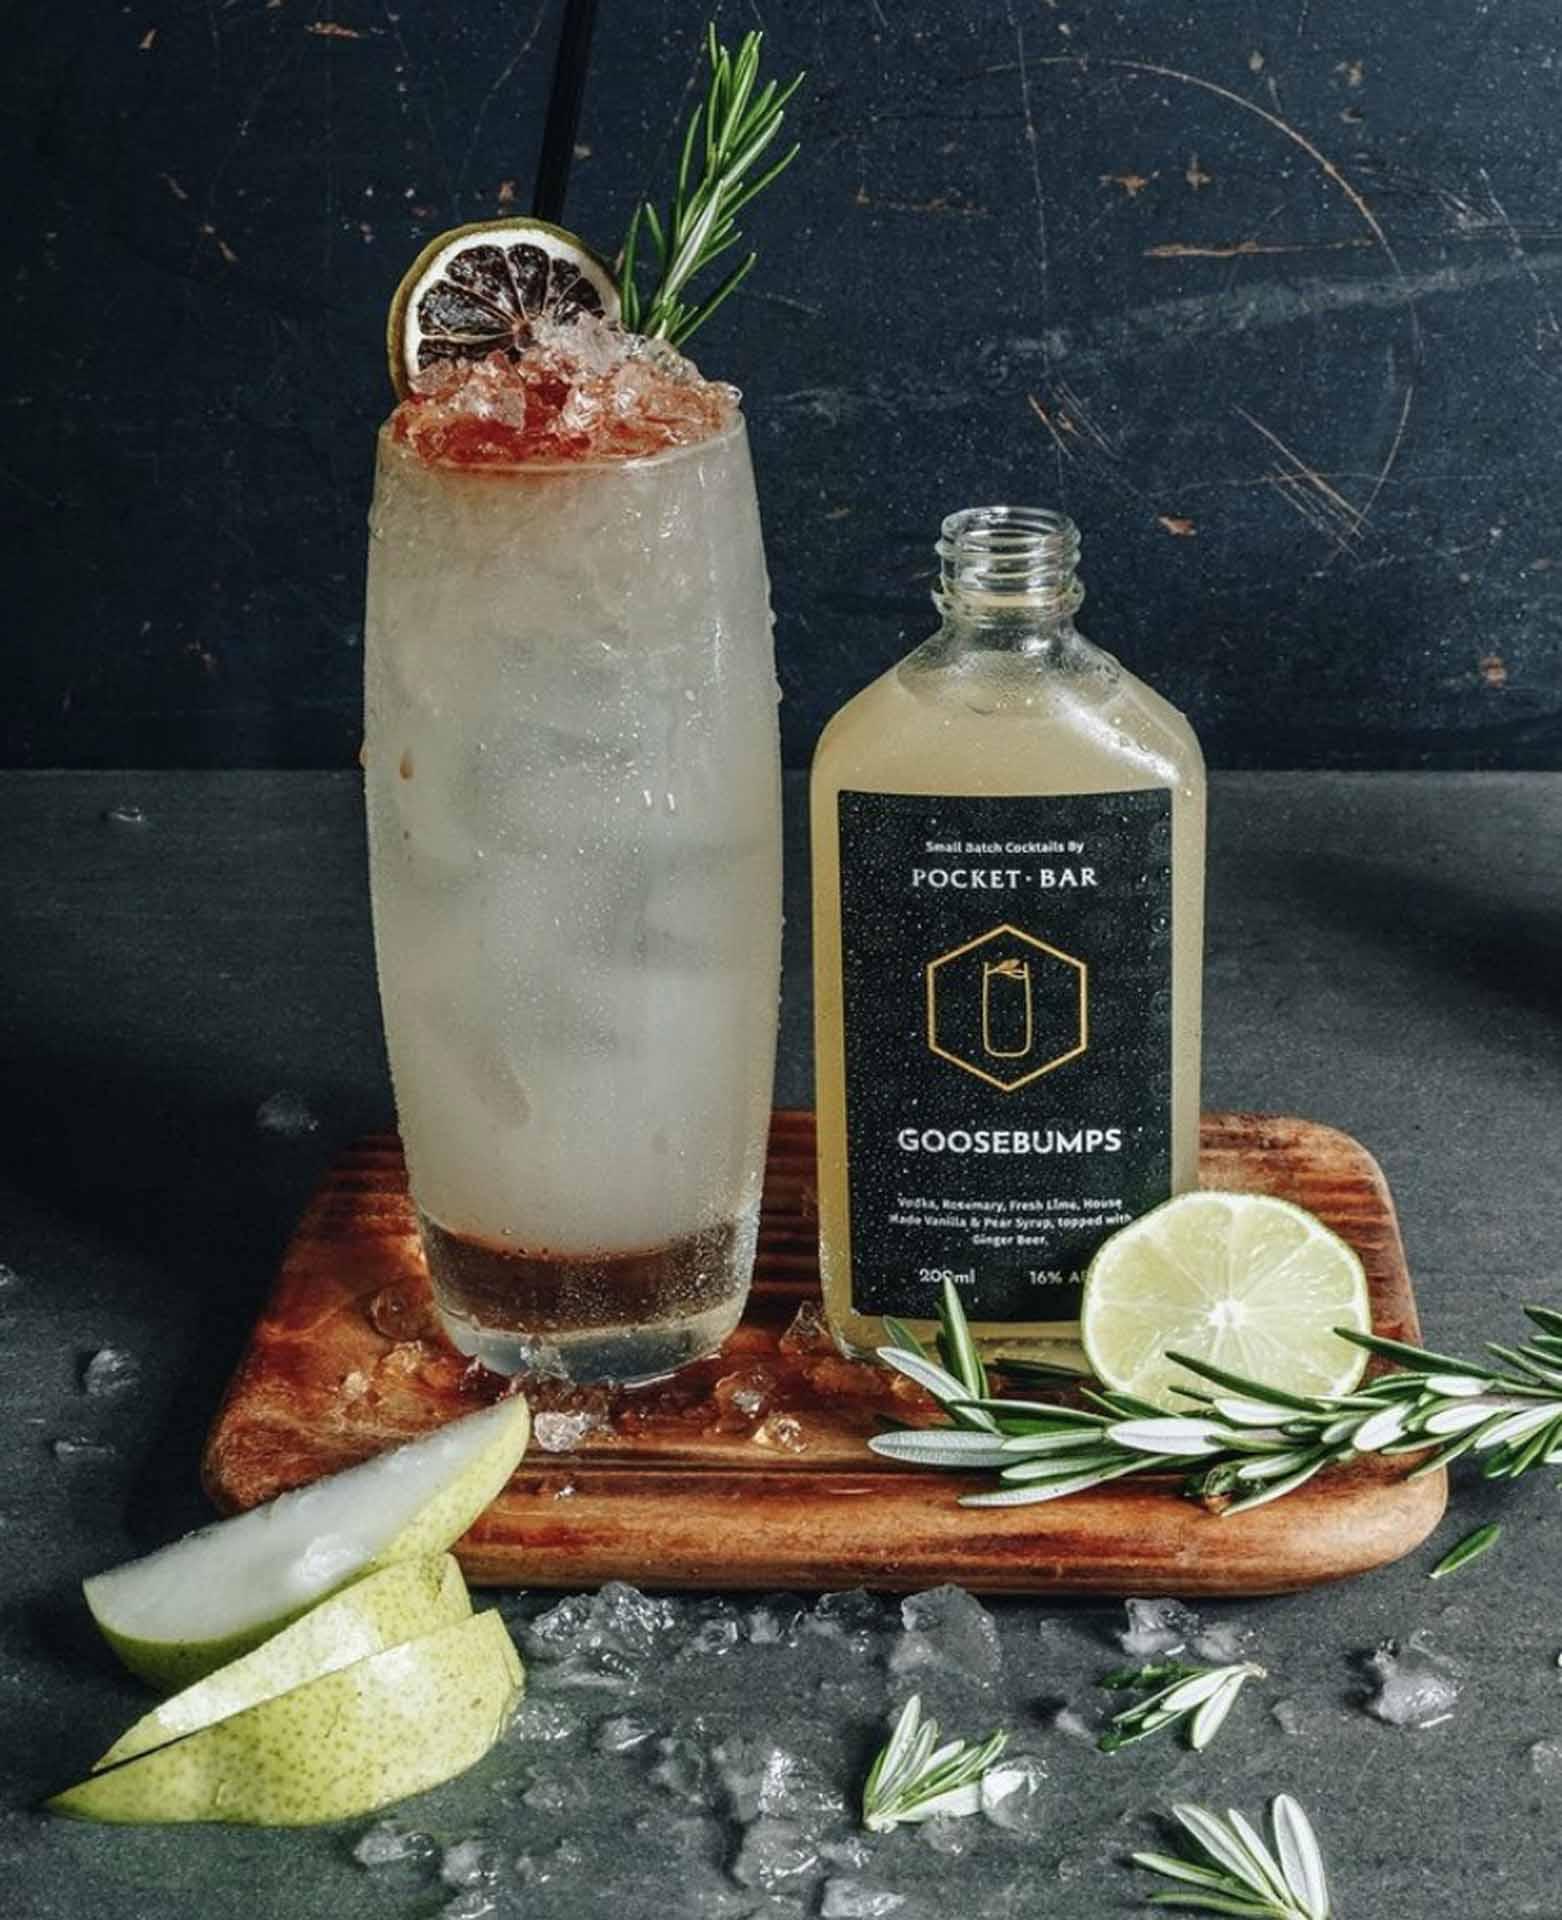 Glass flask cocktail label design for Pocket Bar's takeaway range